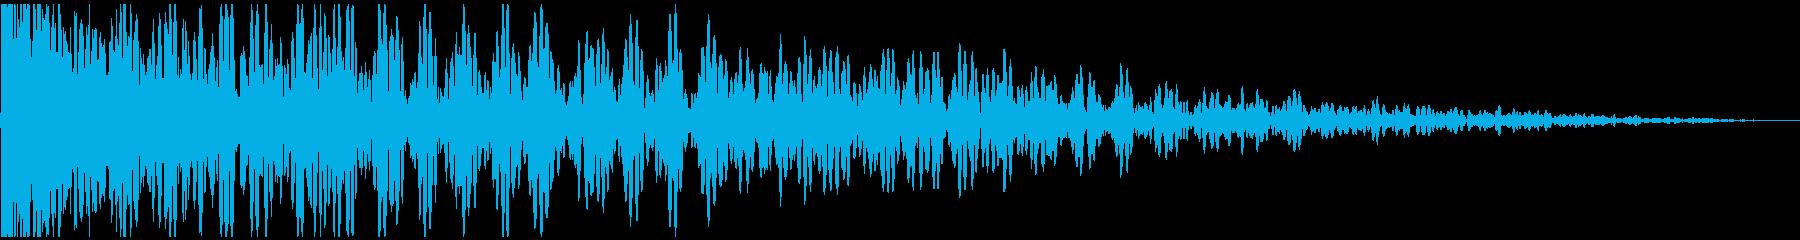 地鳴りのするような迫力あるドンッ!!!の再生済みの波形